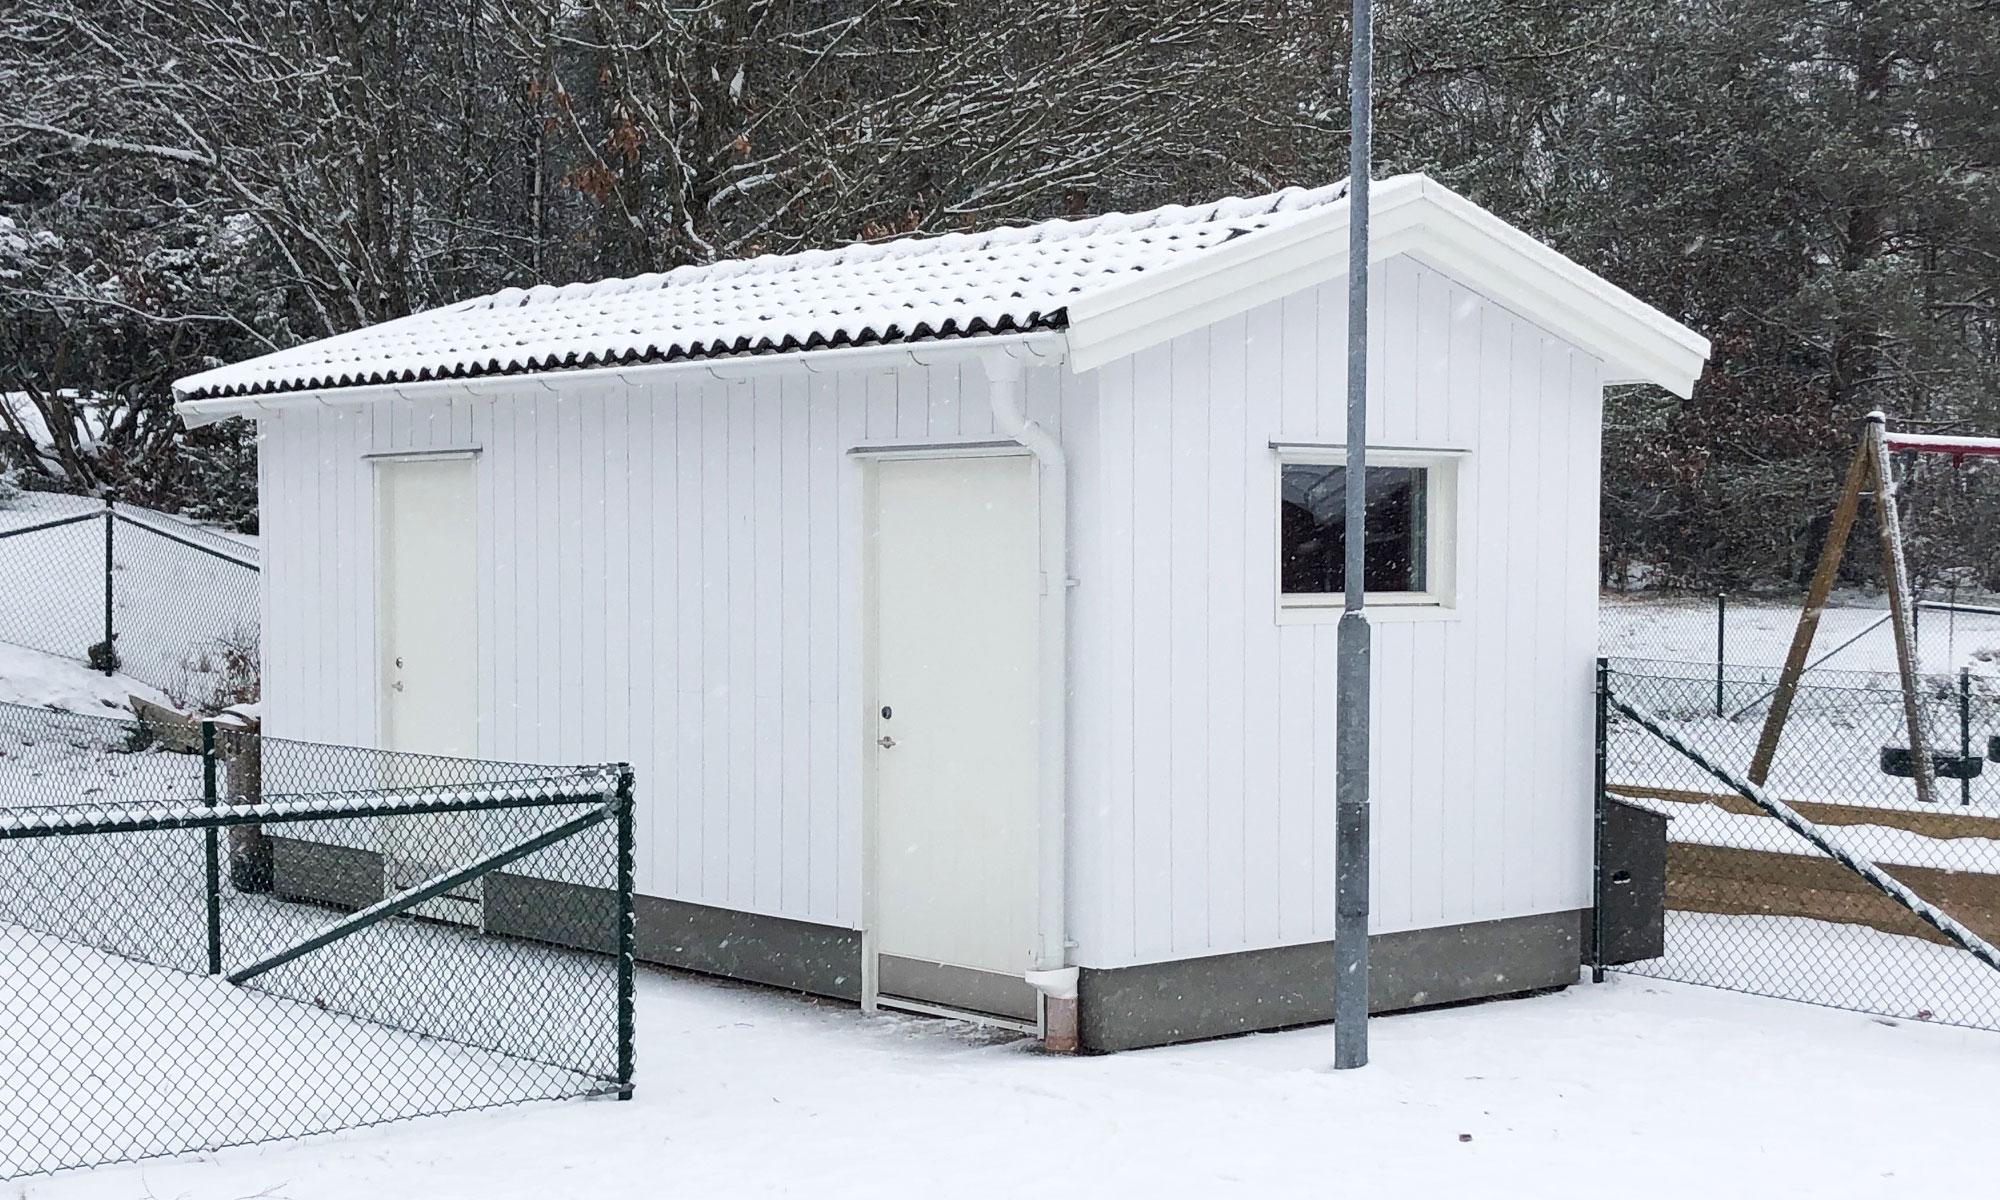 SverigepanelenVarekil12000